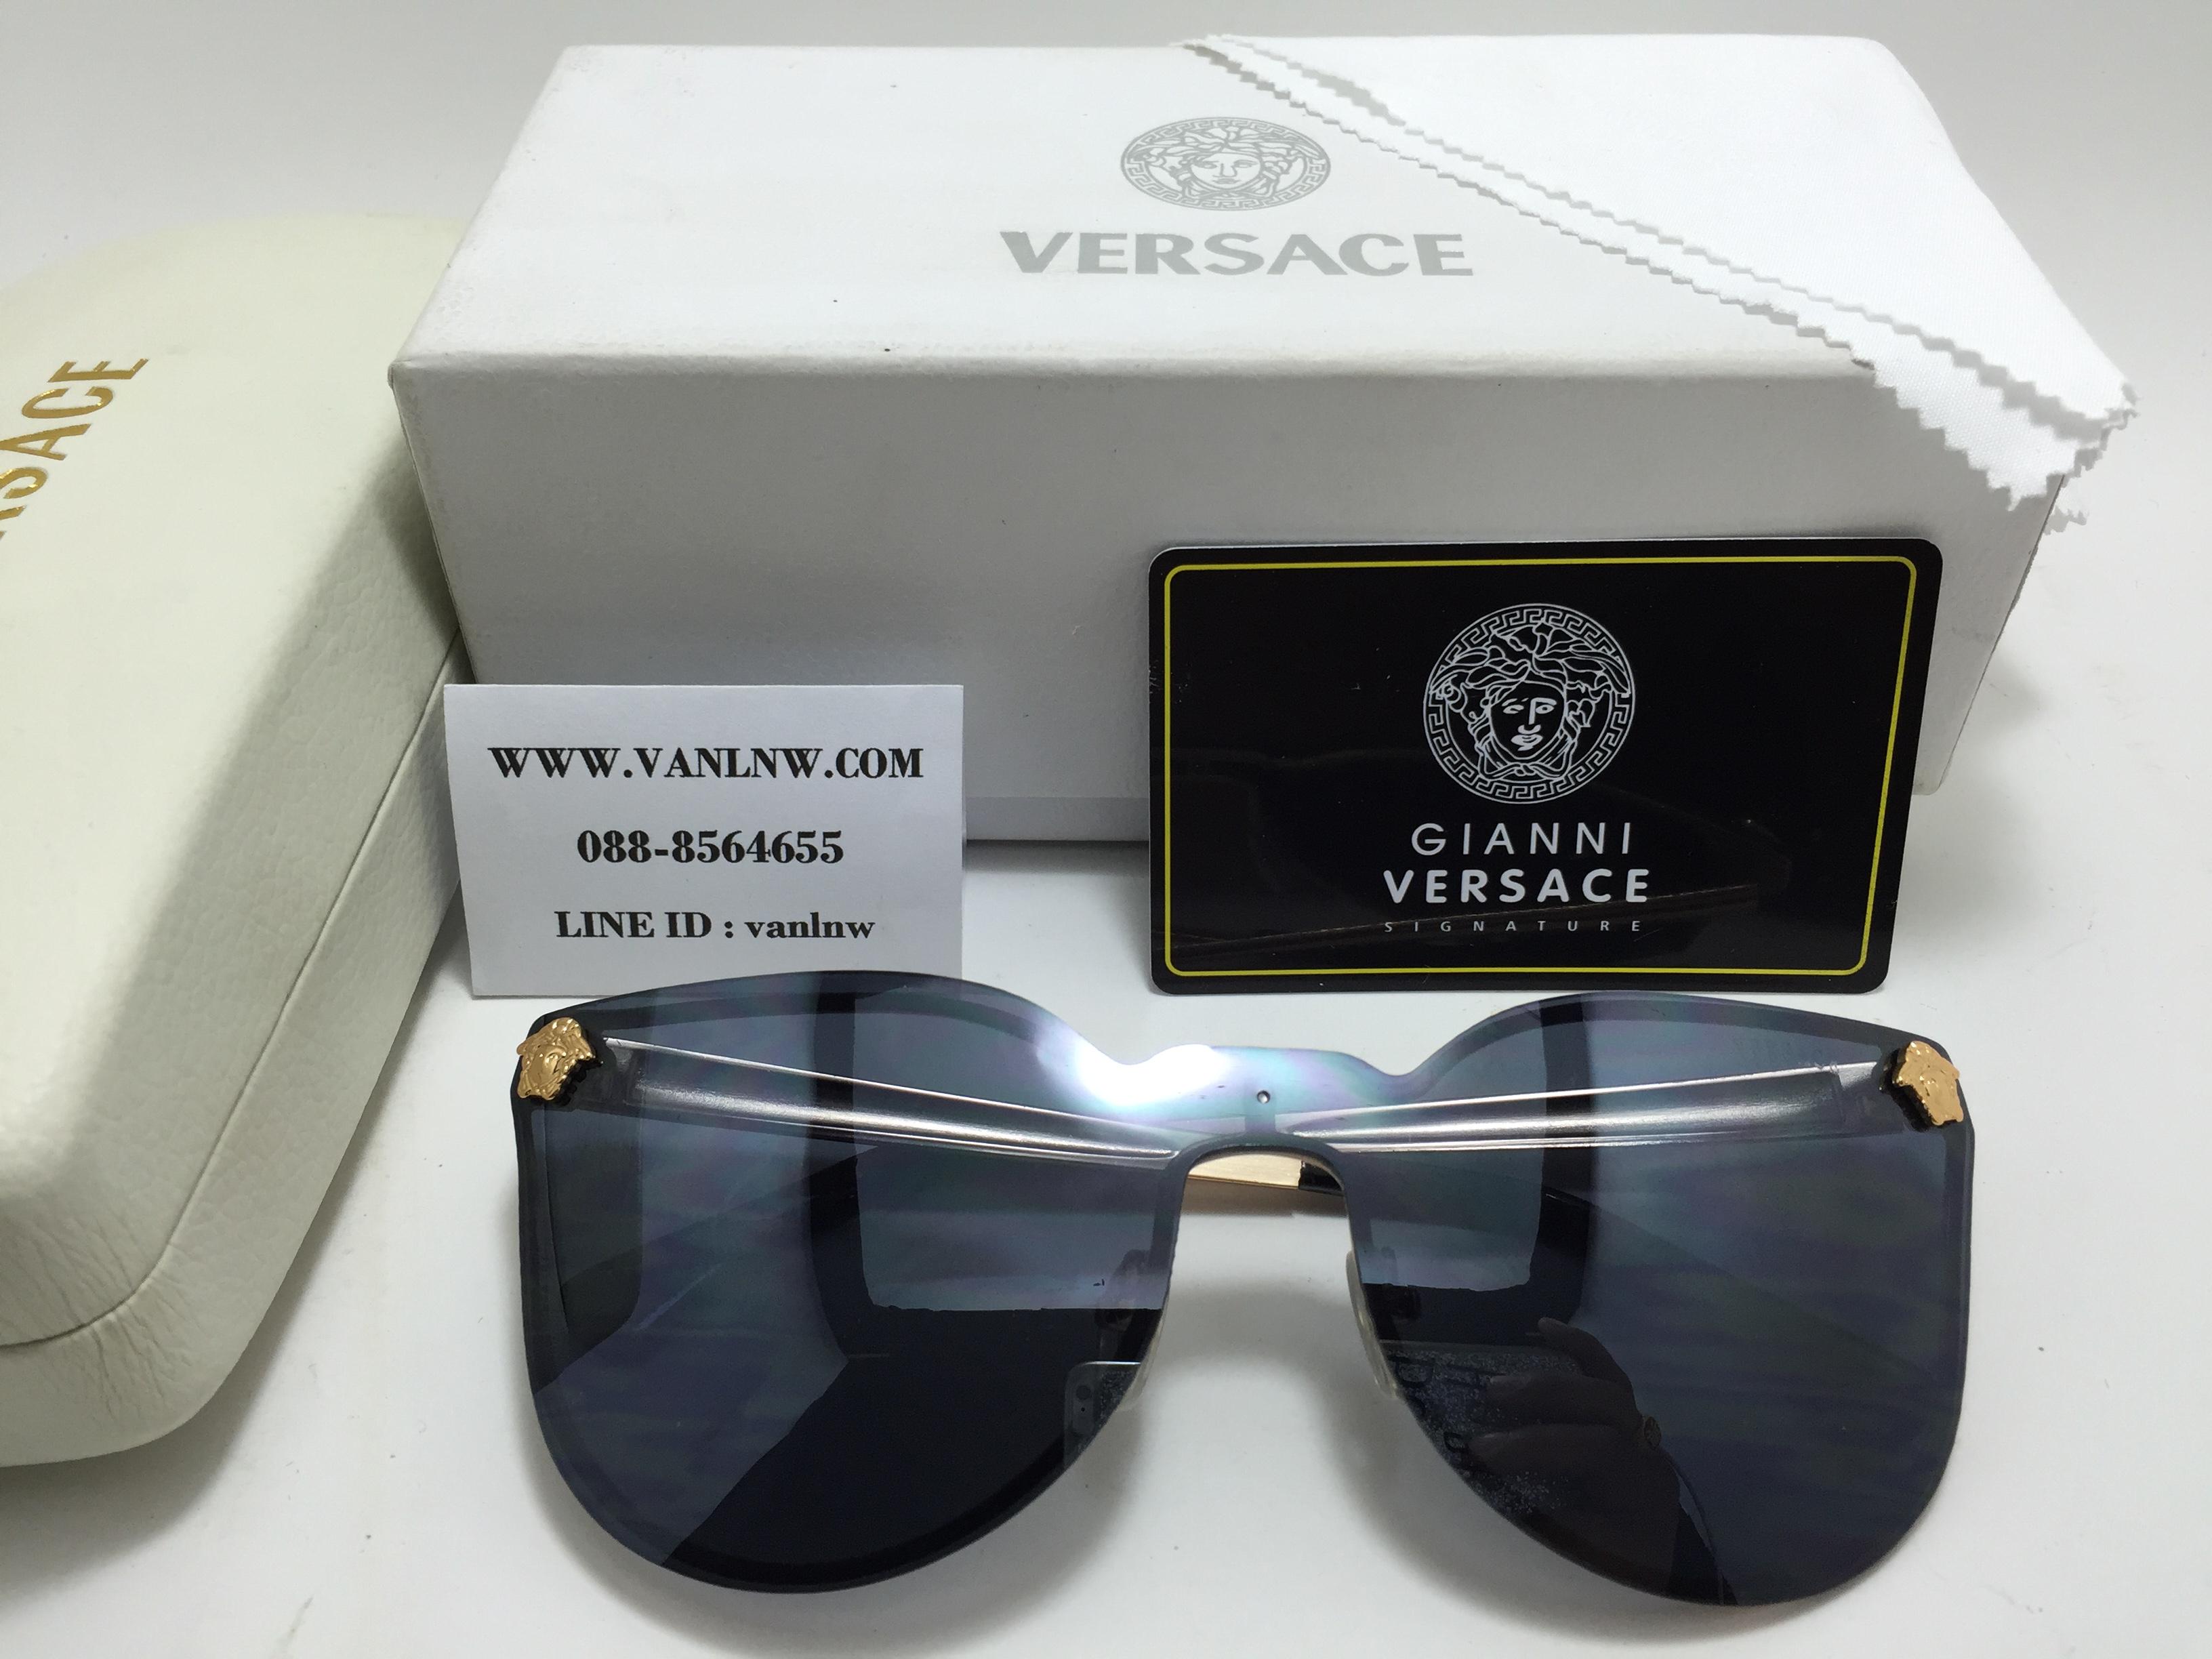 VERSACE S910 59-16-135 C1